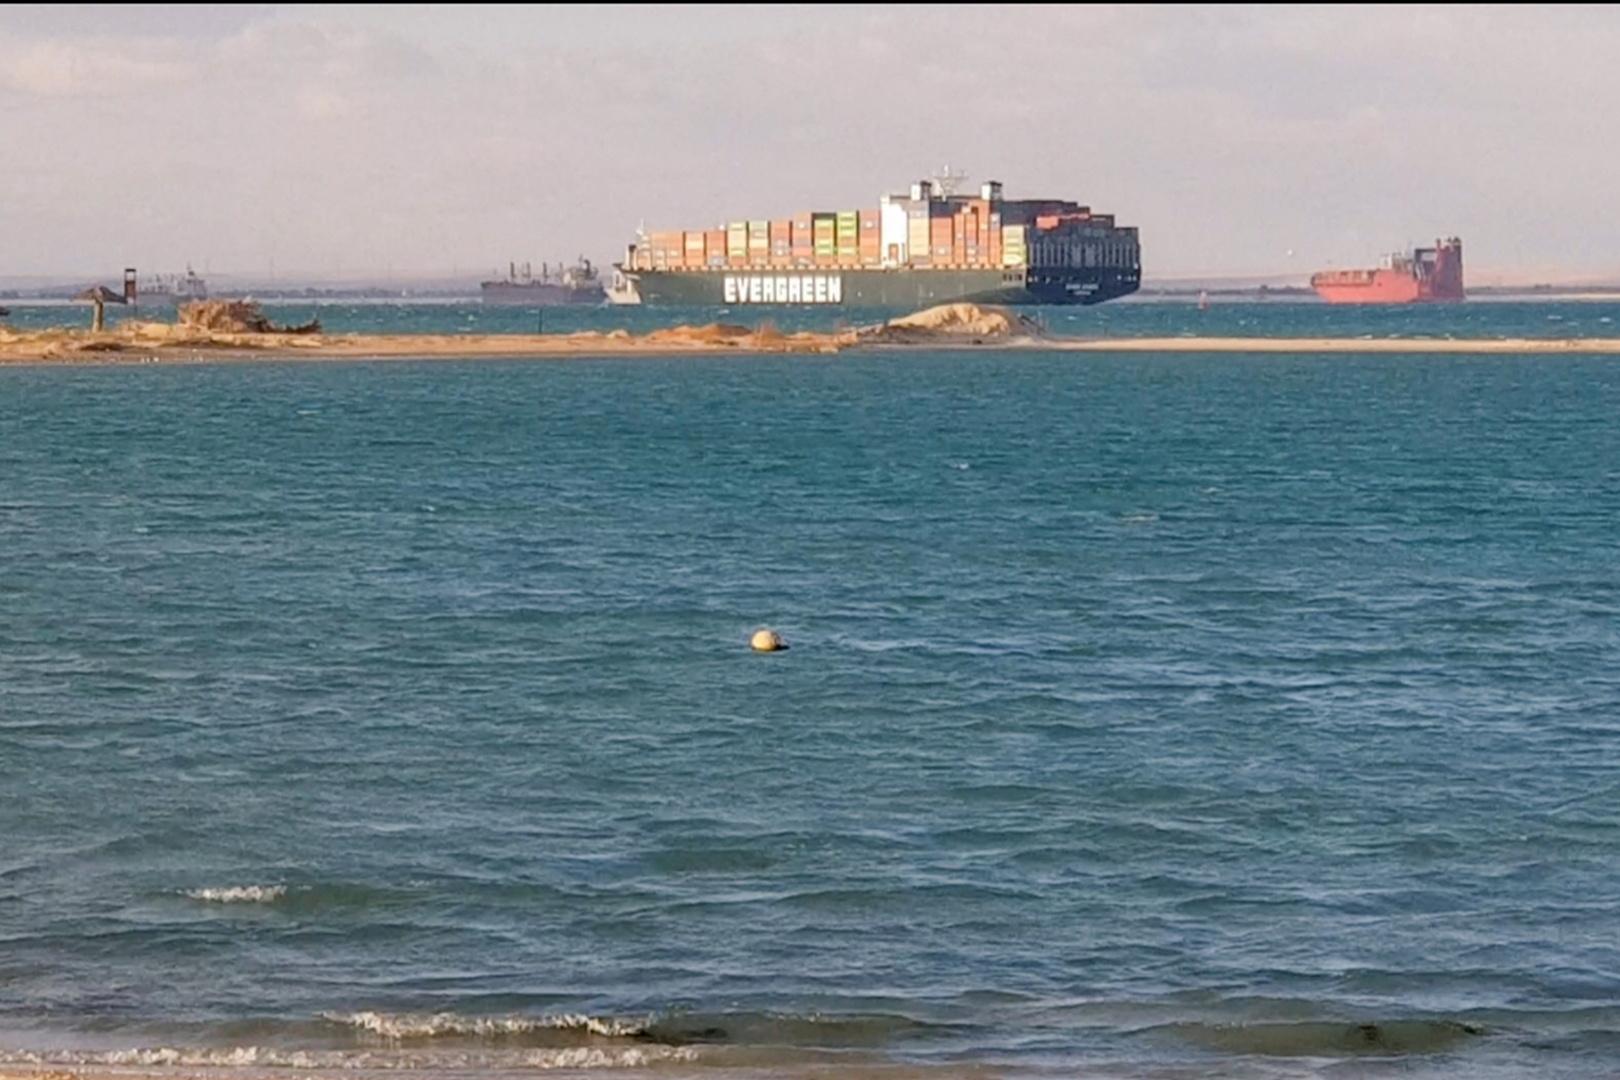 شاهد أول صورة للسفينة الجانحة في قناة السويس قبل تعويمها